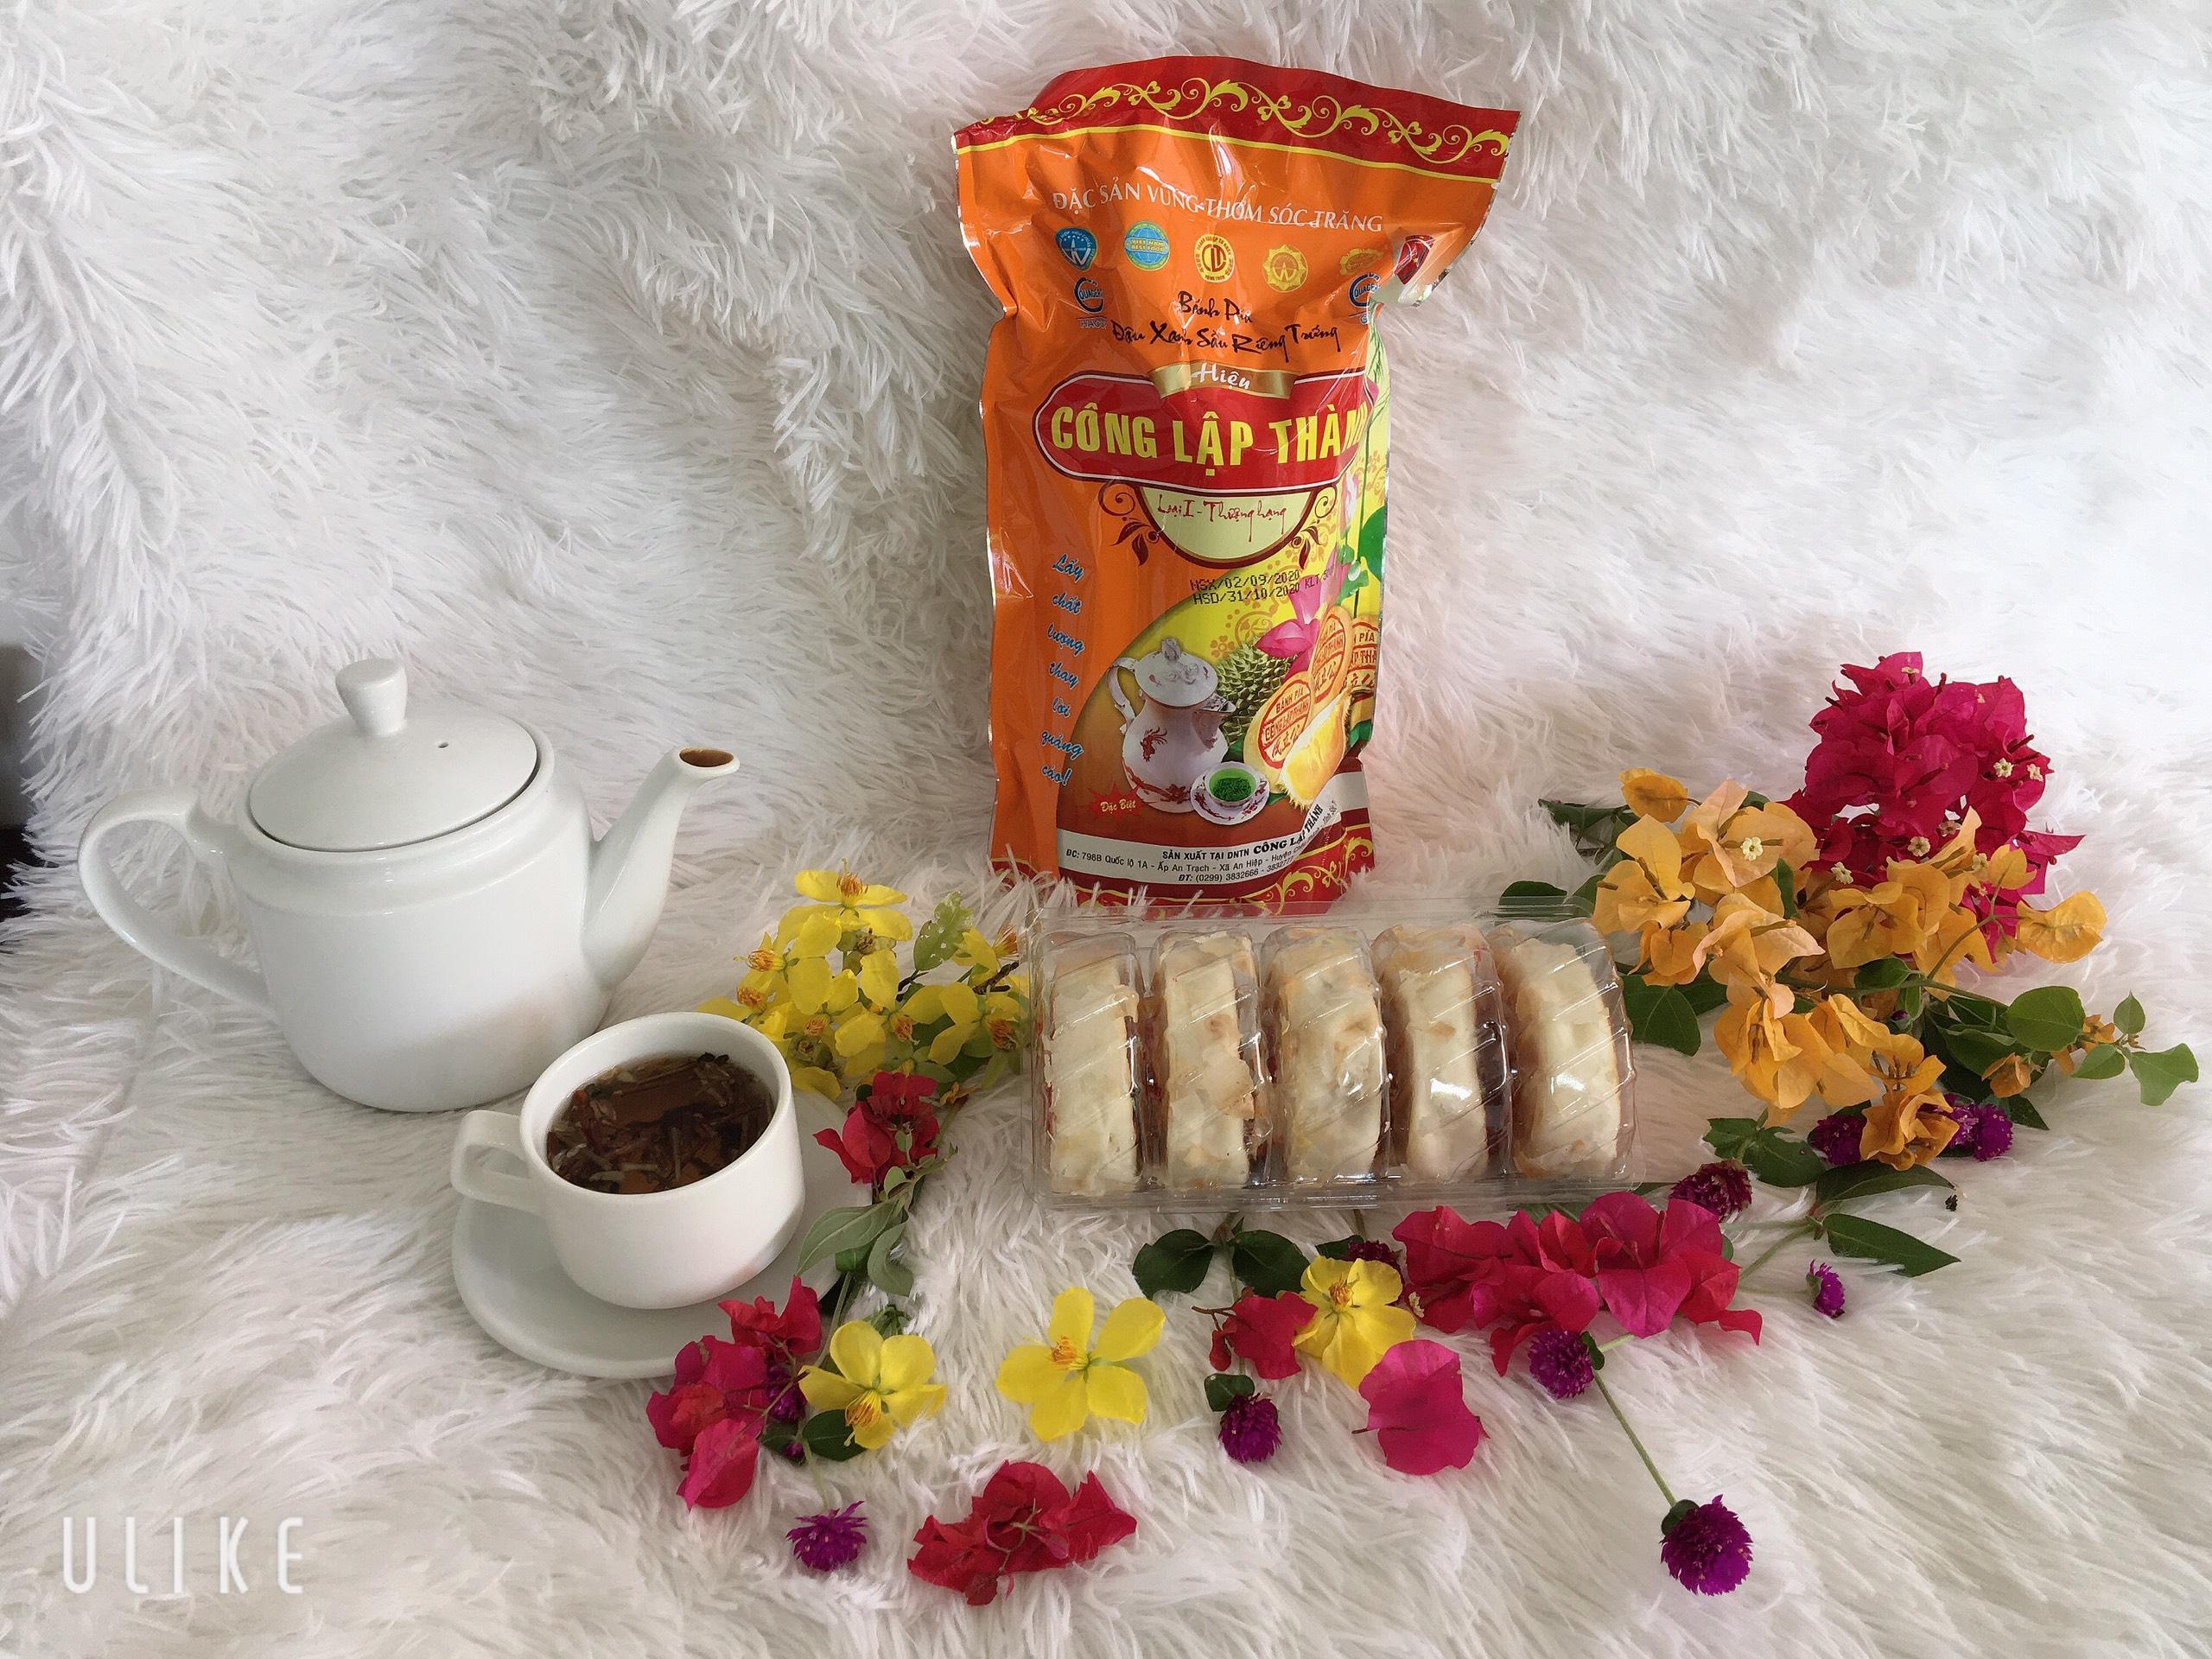 Bánh Pía Đậu Xanh Sầu Riêng Trứng Muối 500gam Công Lập Thành